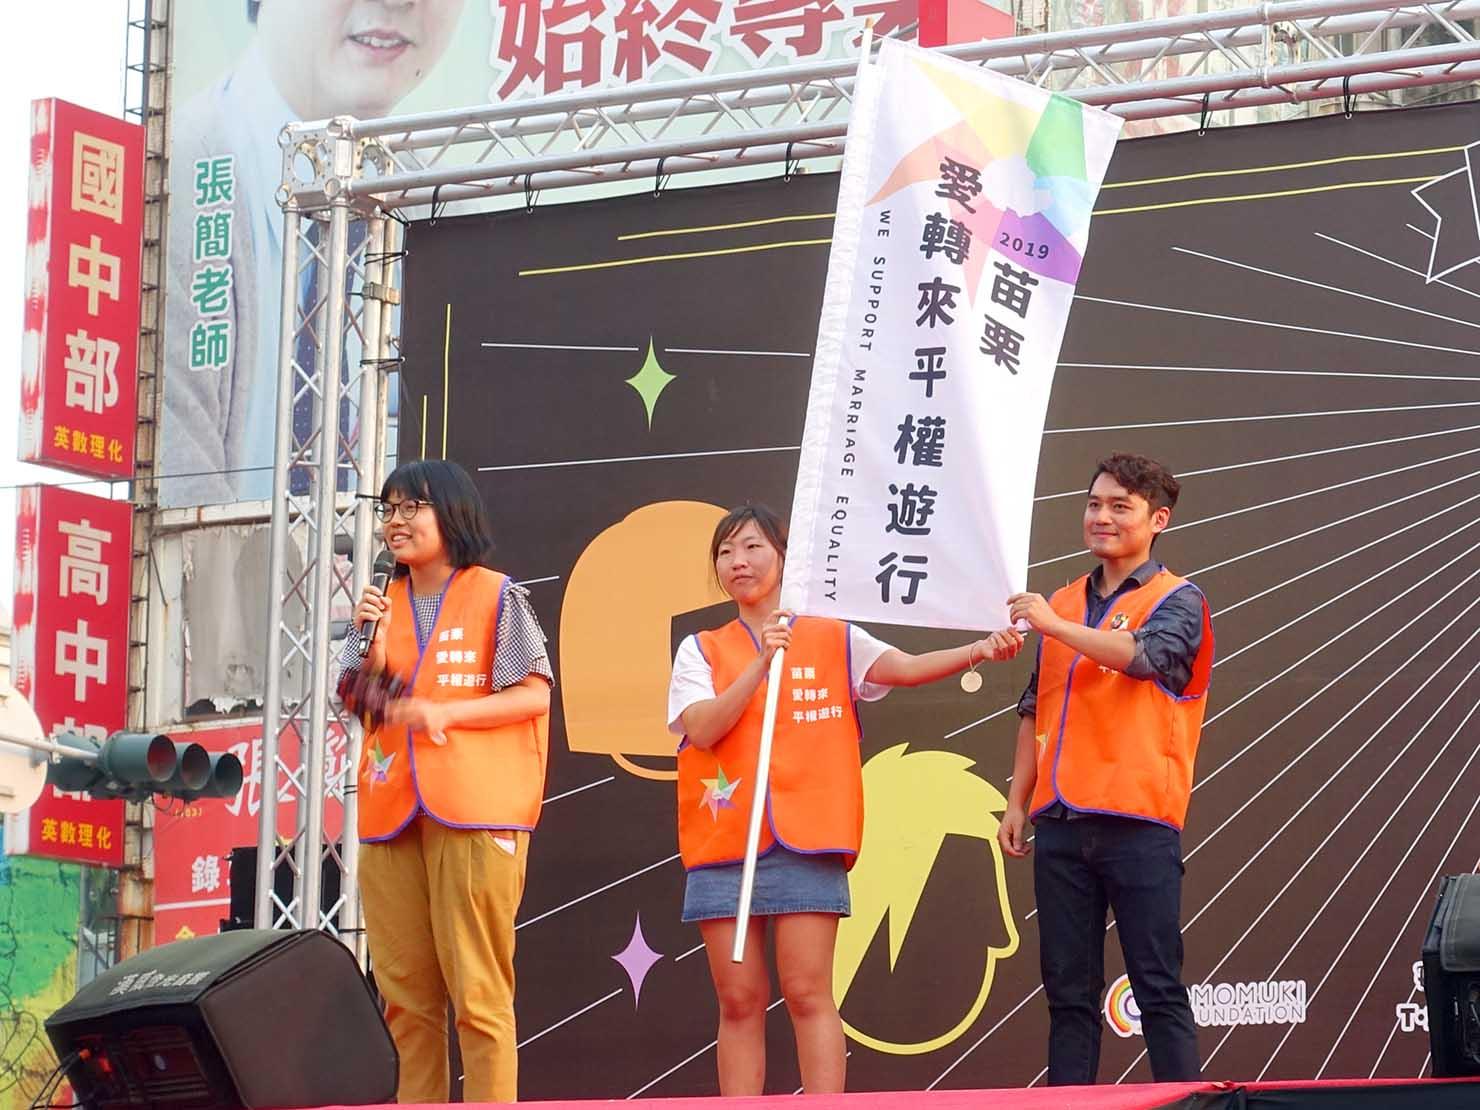 台南彩虹遊行(台南レインボーパレード)2019の会場ステージでスピーチする苗栗愛轉來平權遊行の主催団体